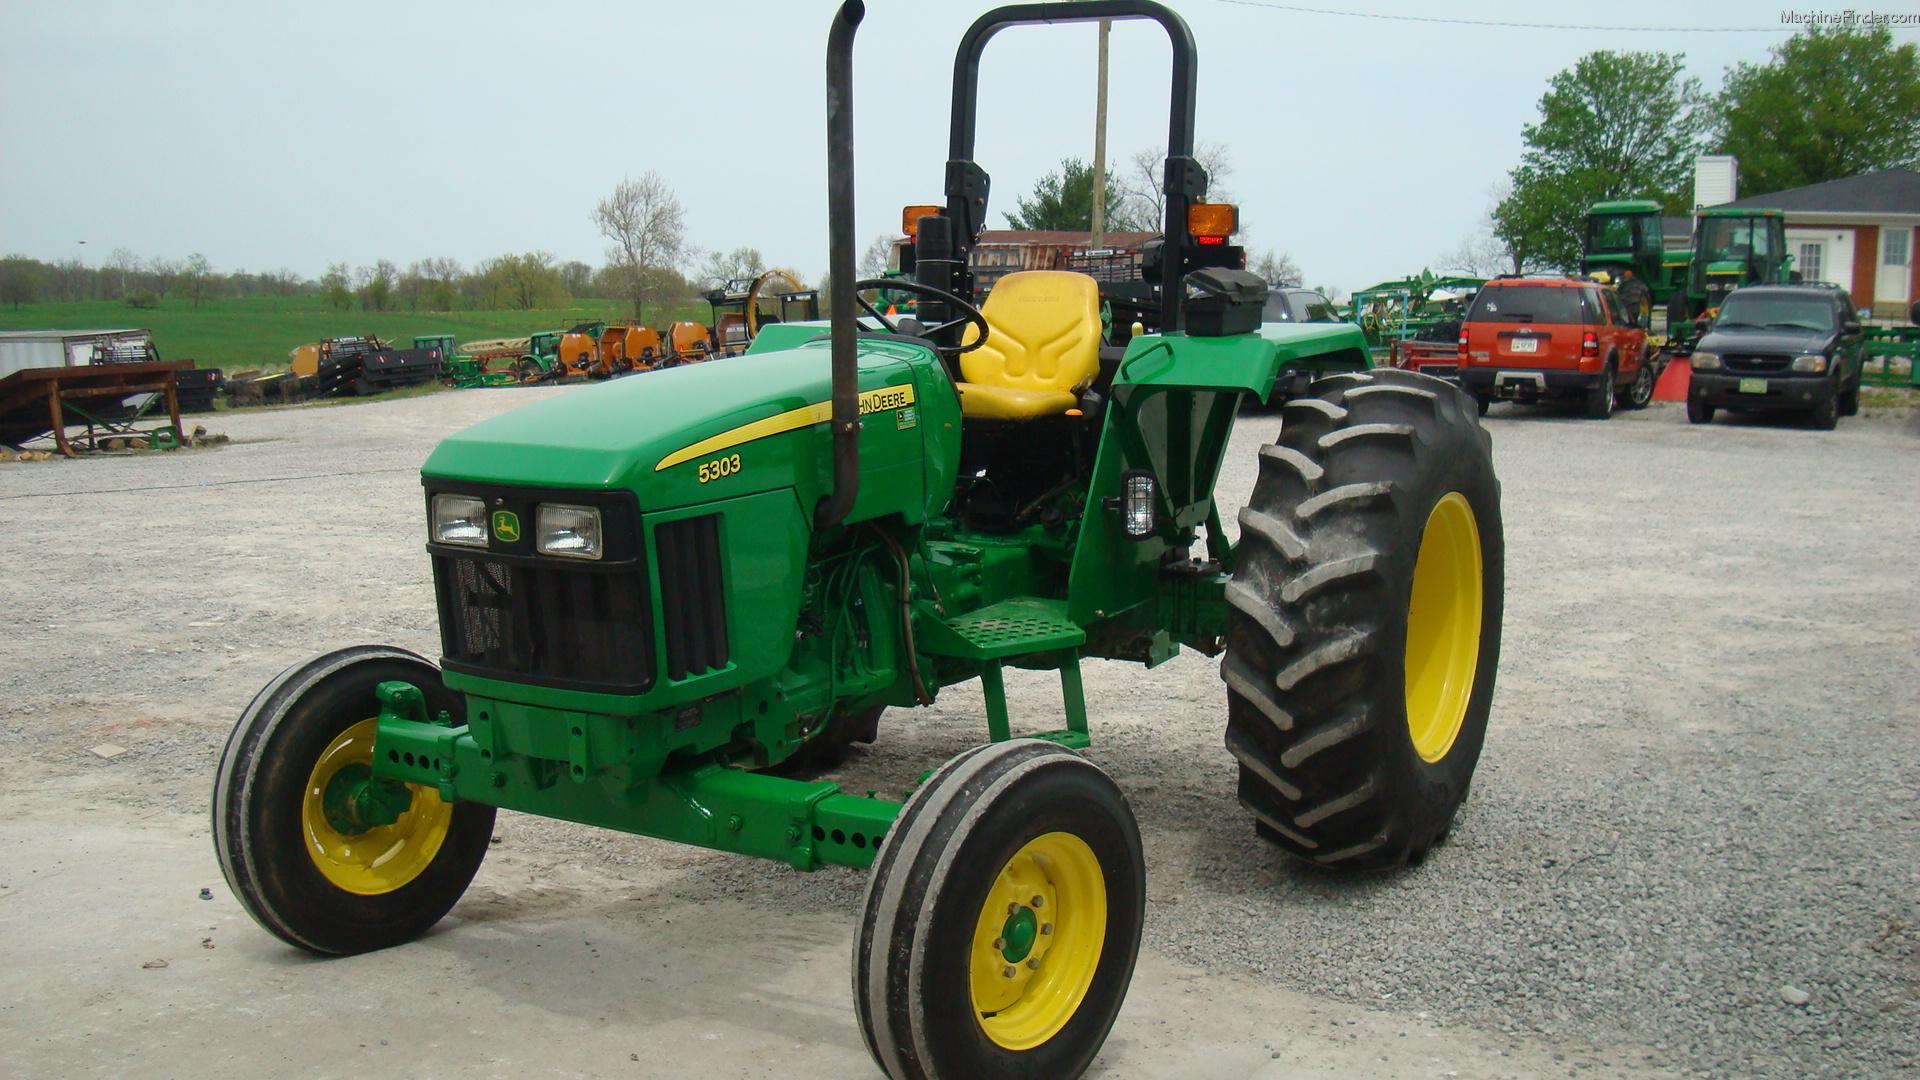 2008 John Deere 5303 Tractors - Utility (40-100hp)